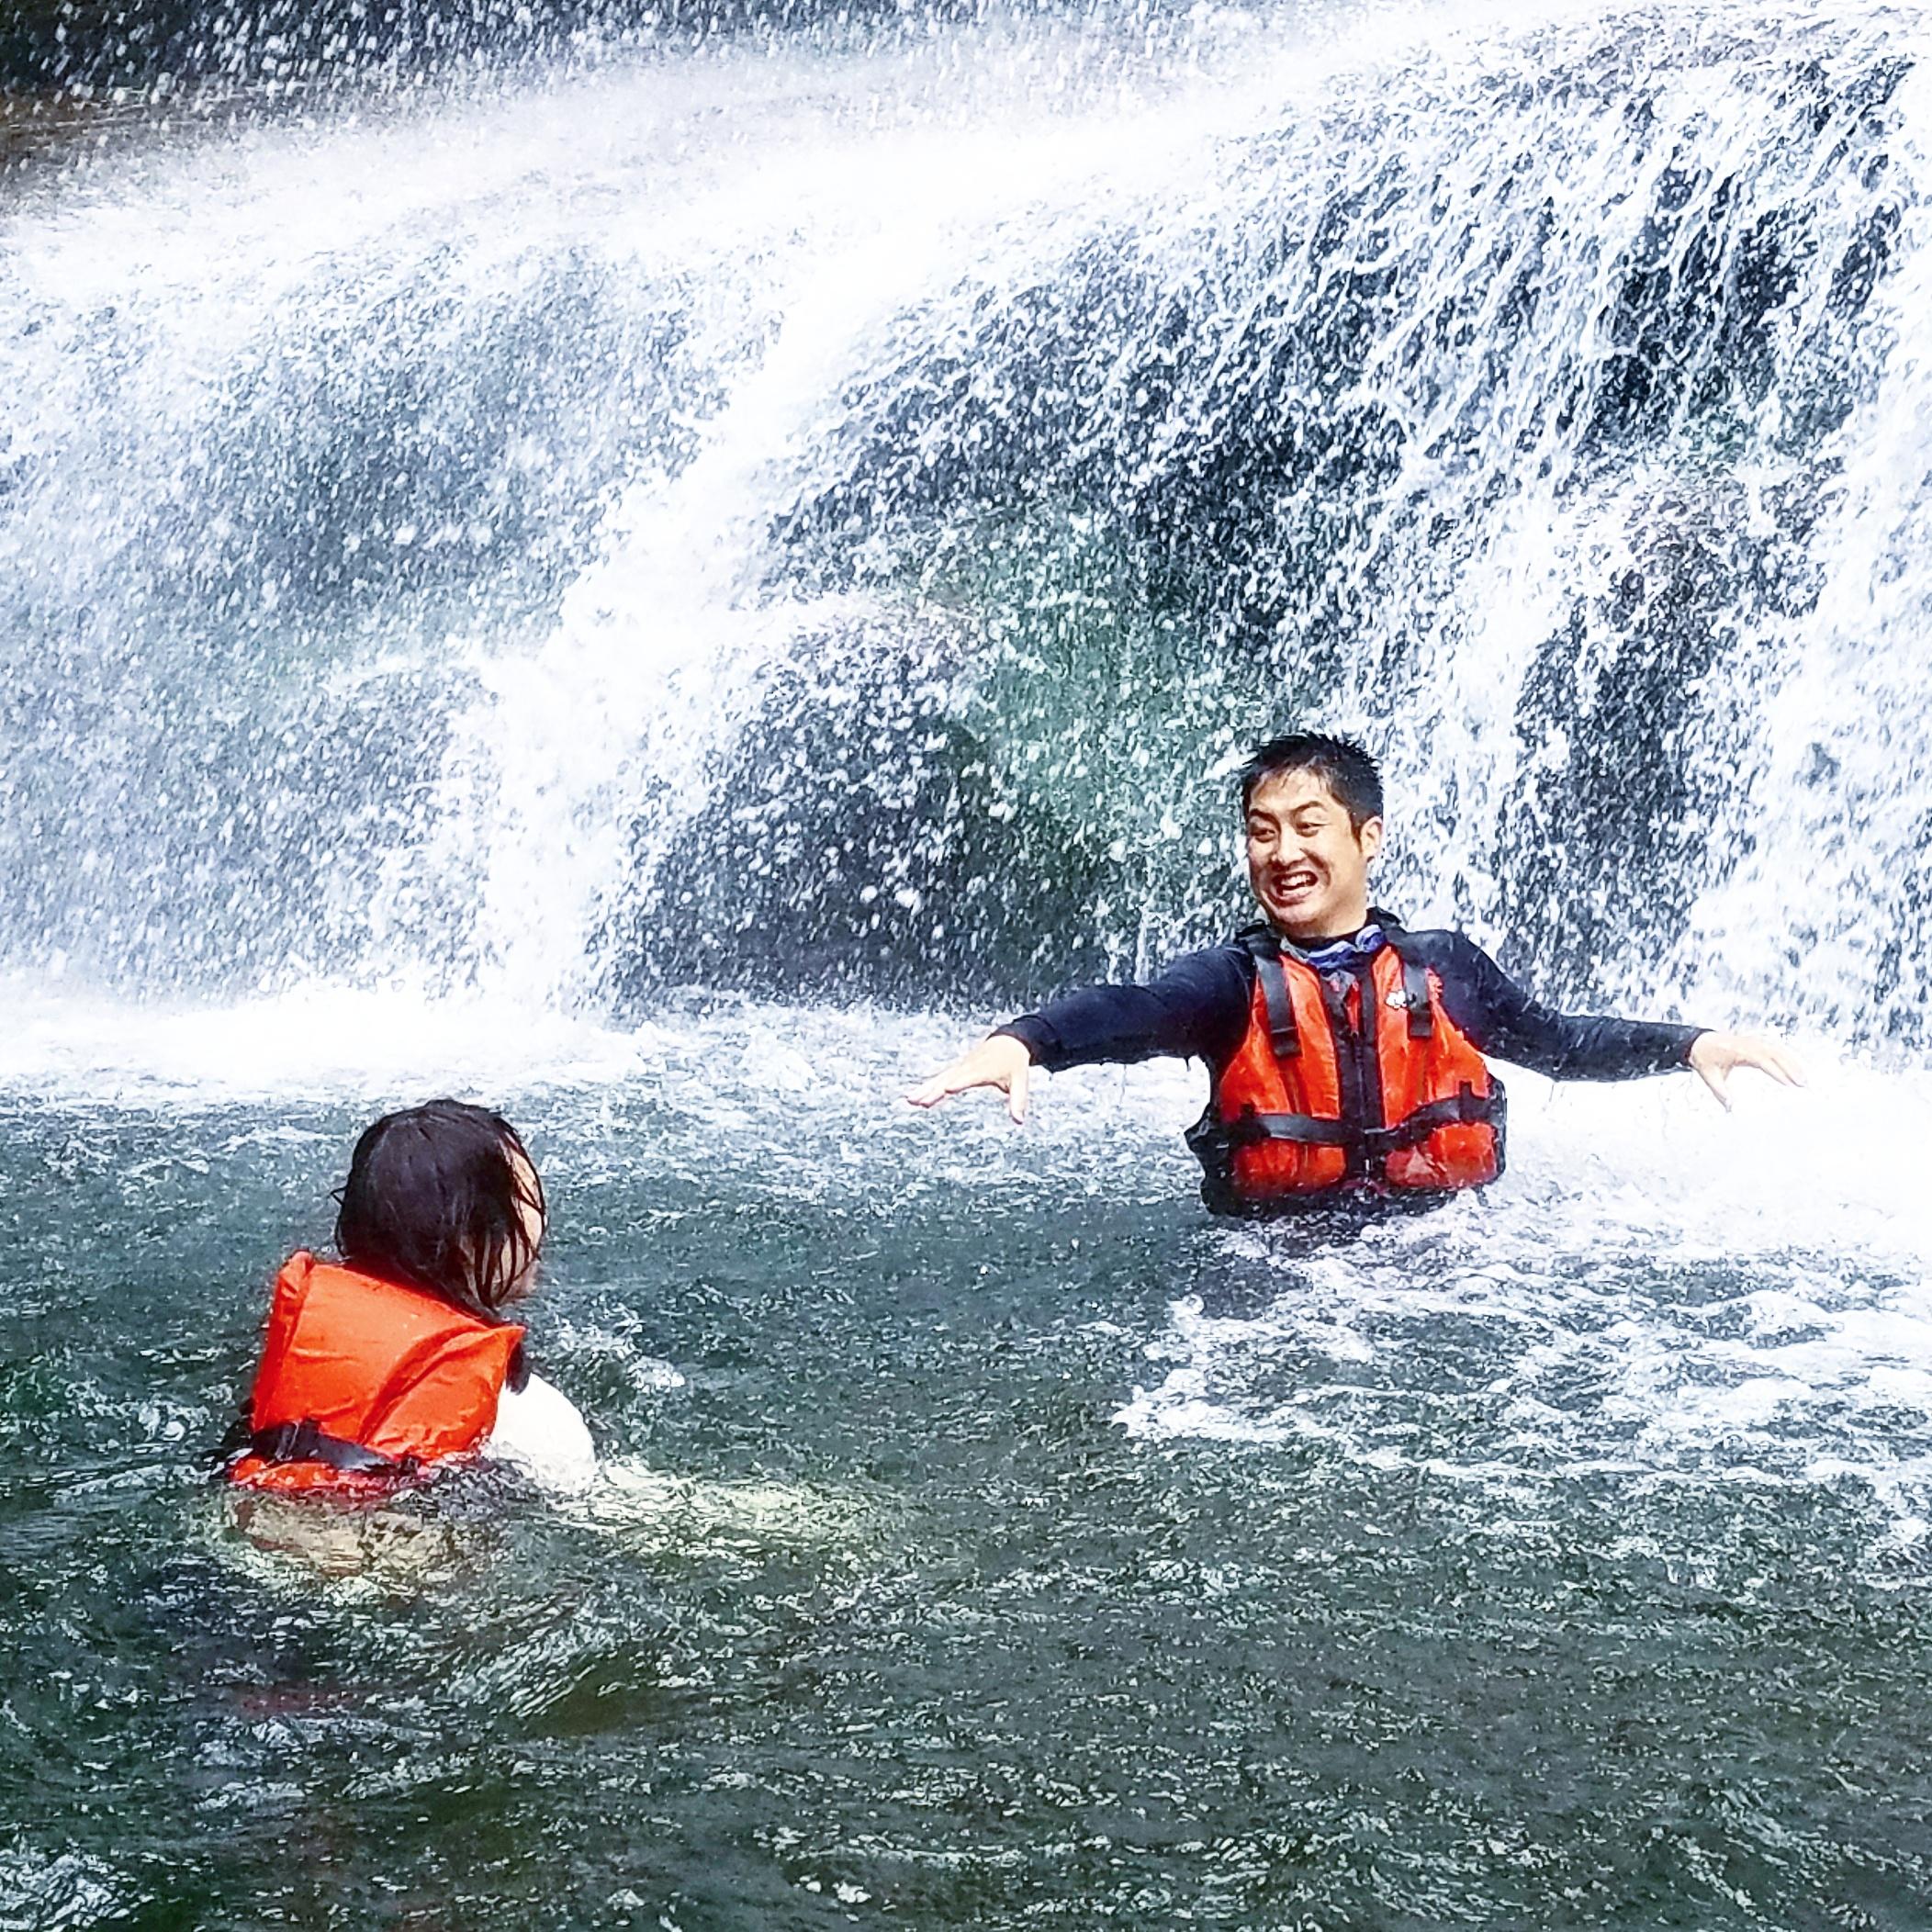 幻のナーラの滝下で滝遊び!